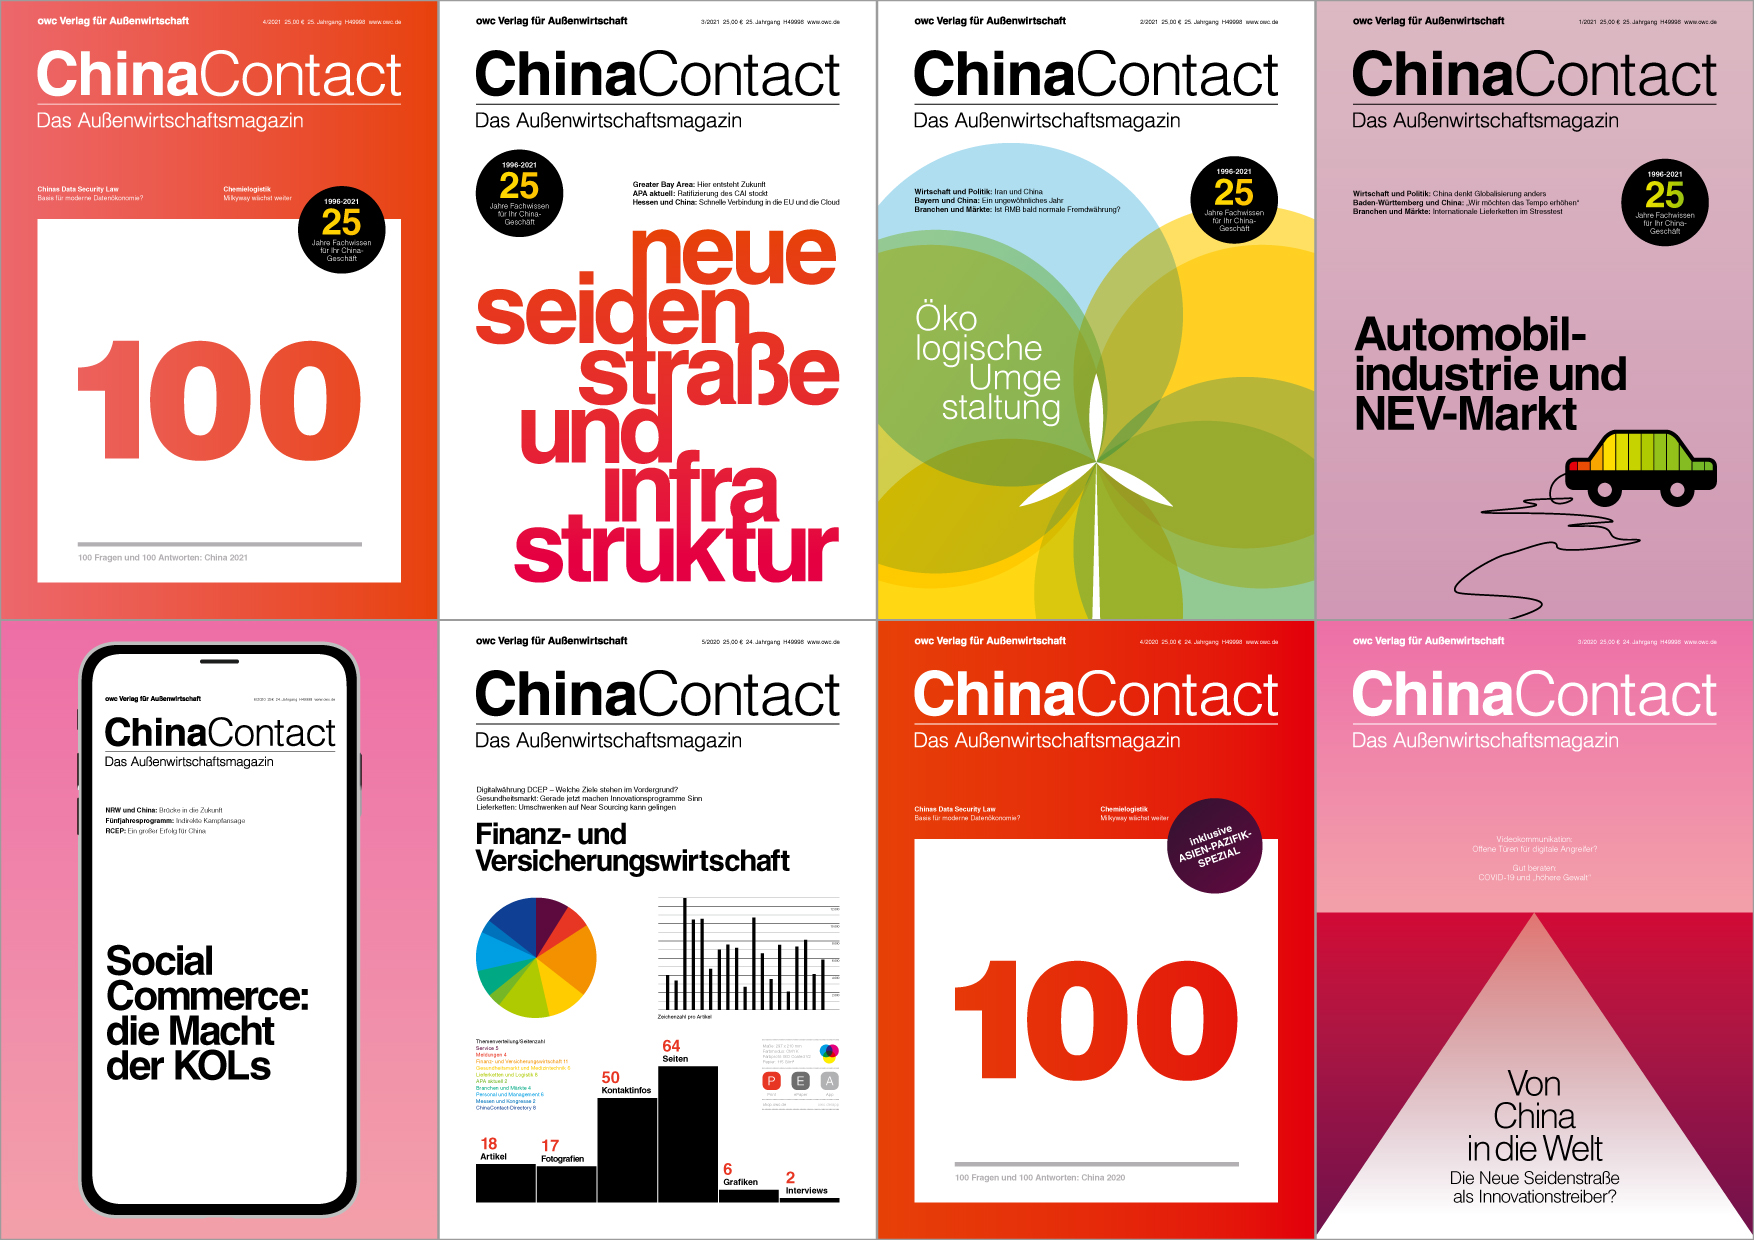 https://owc.de/wp-content/uploads/2021/09/coverOCCC-web2021_2-Kopie.jpg